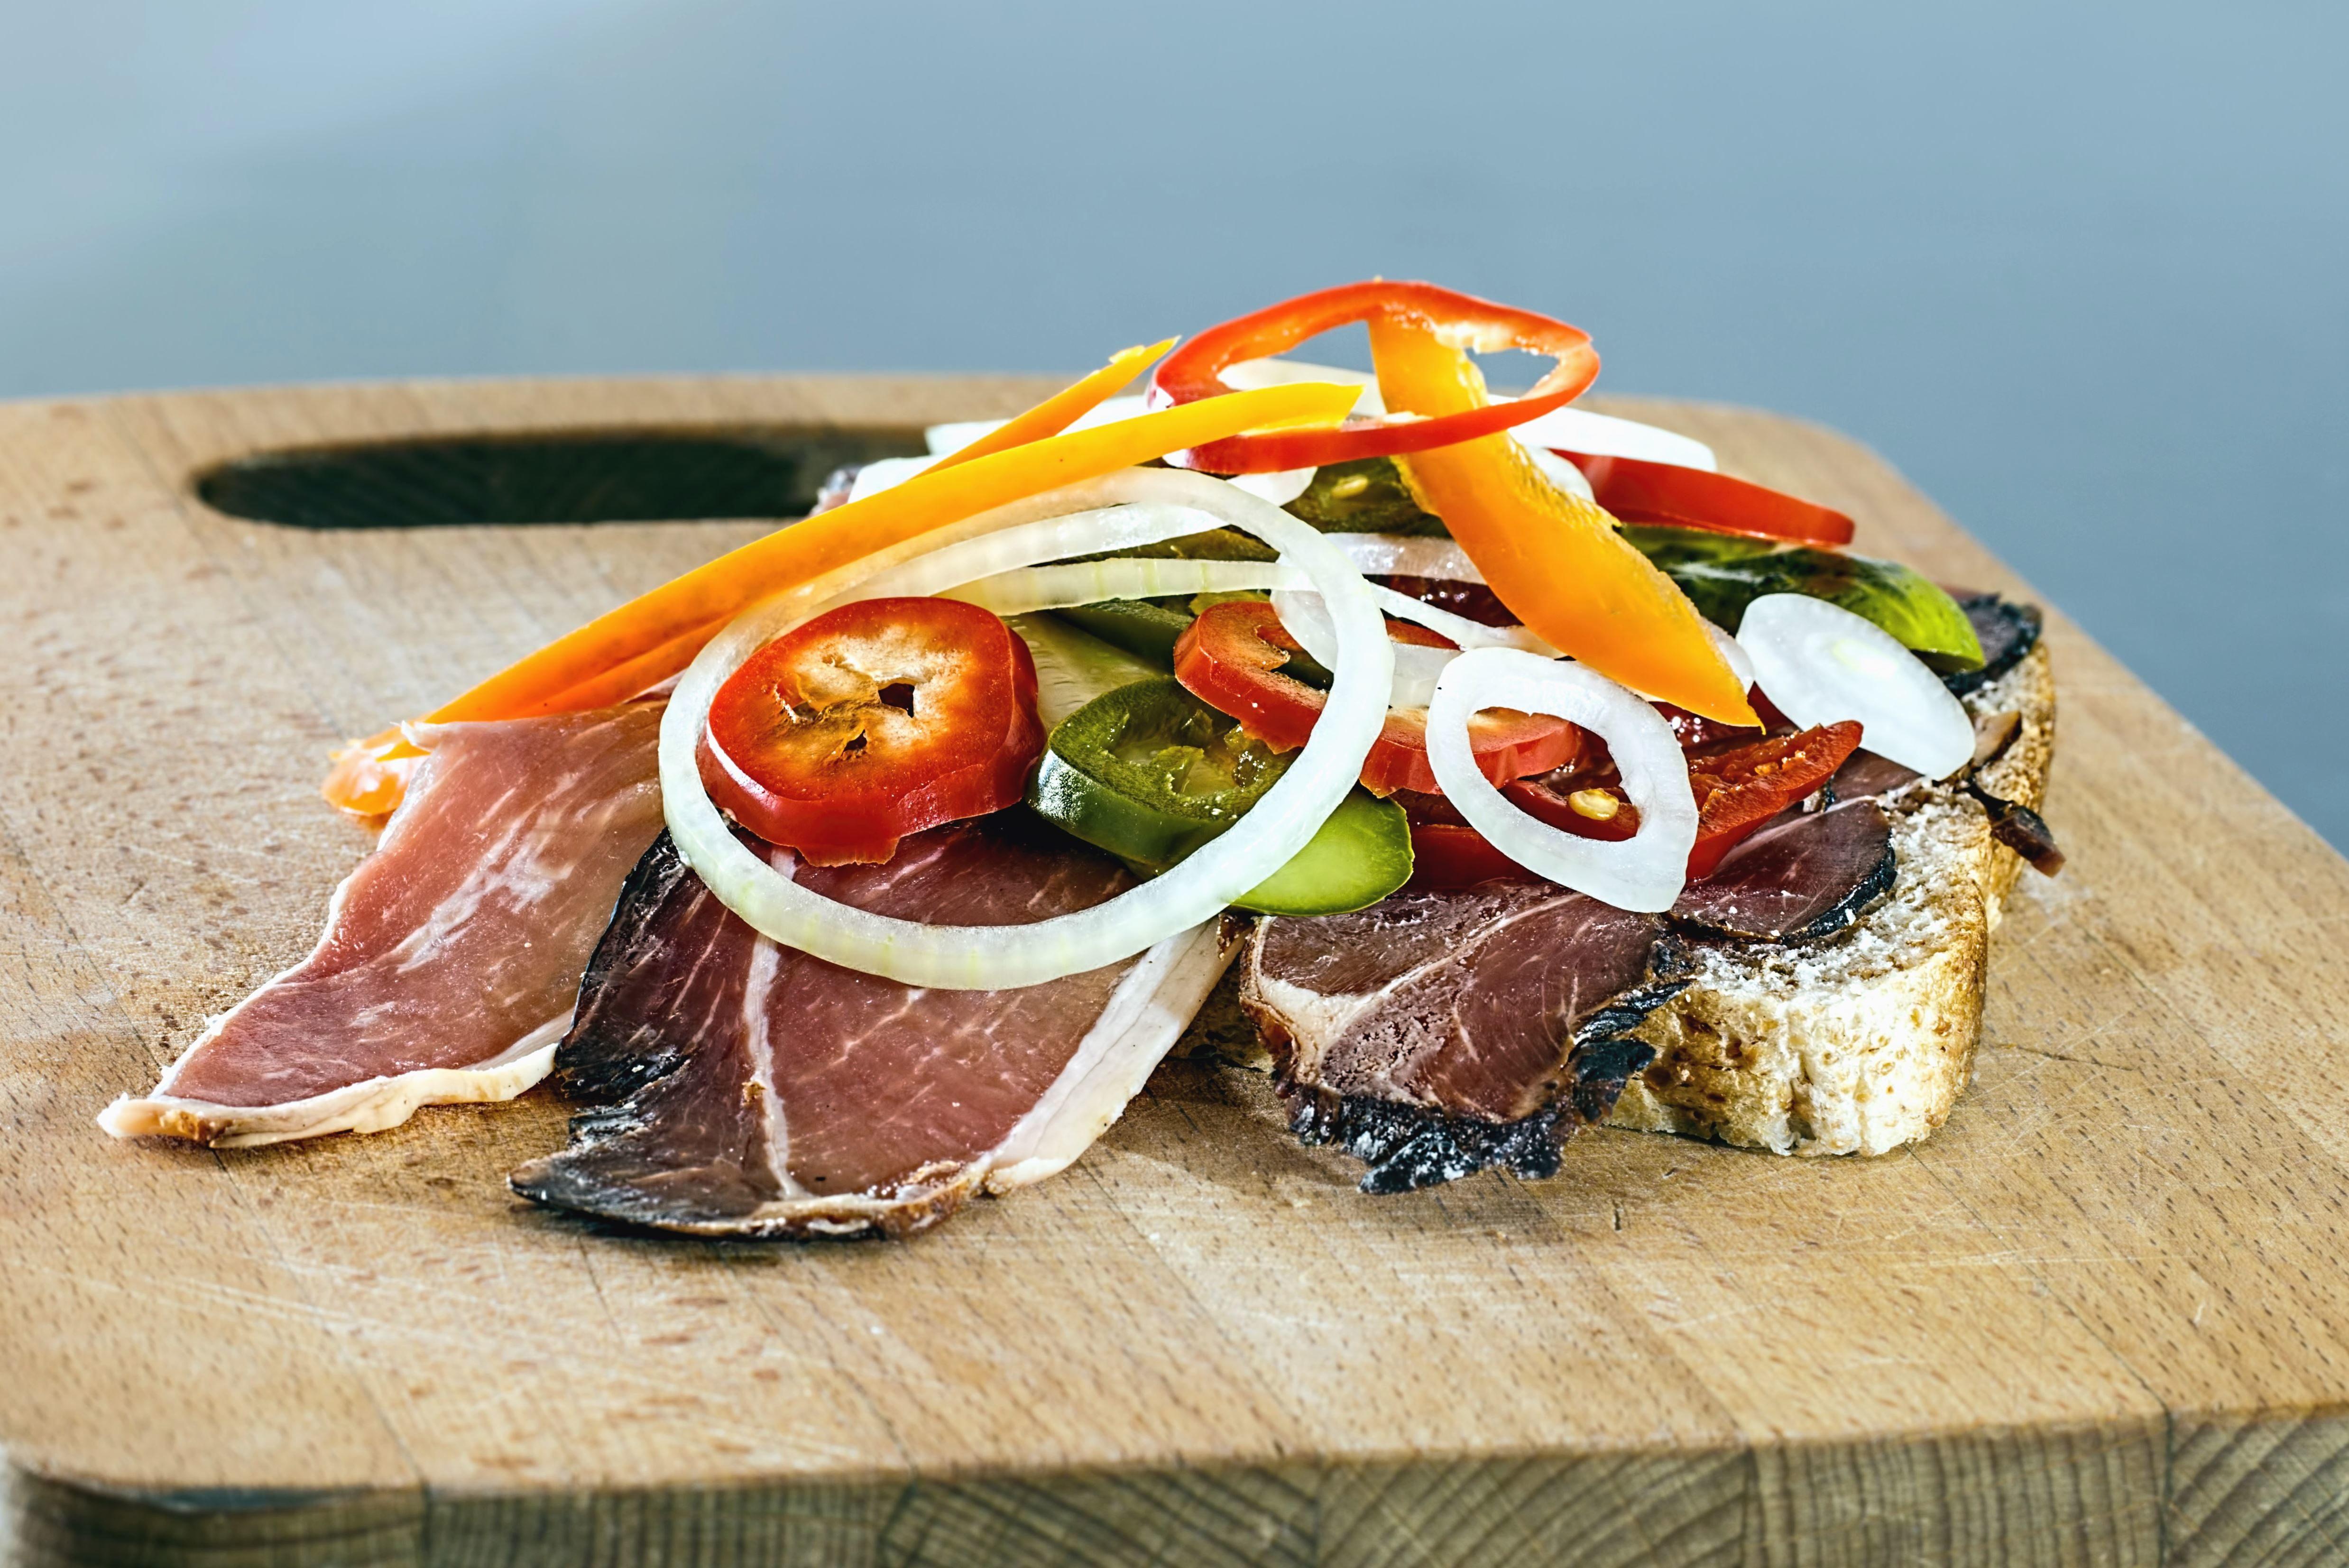 Fleisch, Pfeffer, Zwiebel, Brot, Essen, Tisch, Textur, Messer, Küche